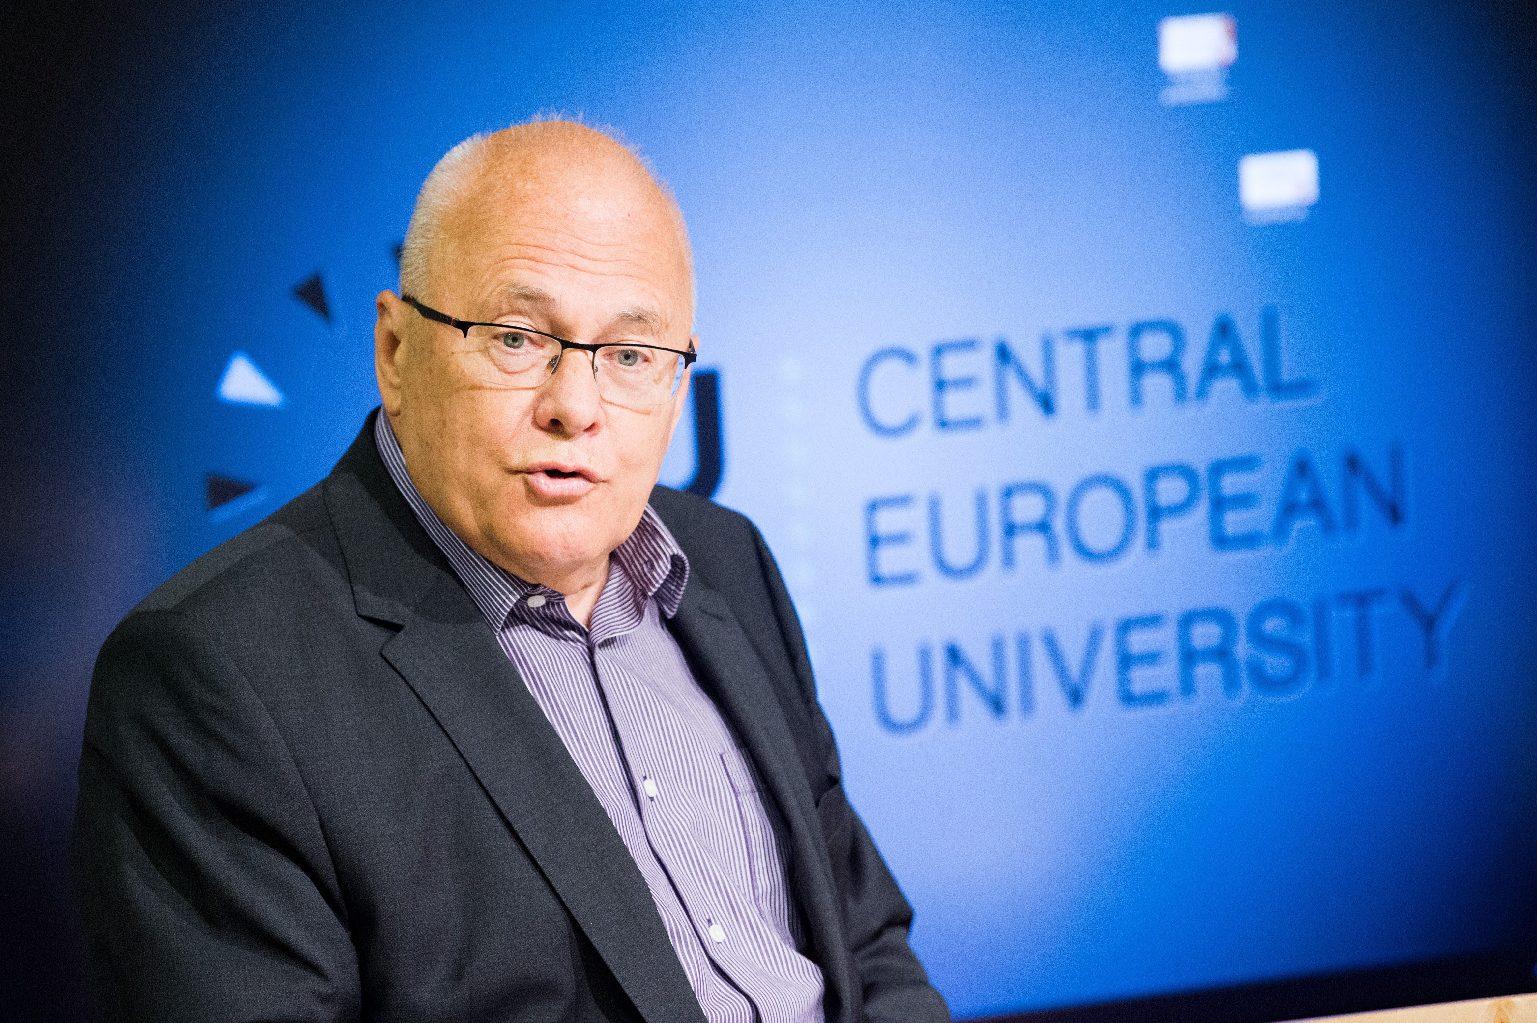 Szocialista exminisztert idézve vádolja antiszemitizmussal a magyar kormányt a The Times